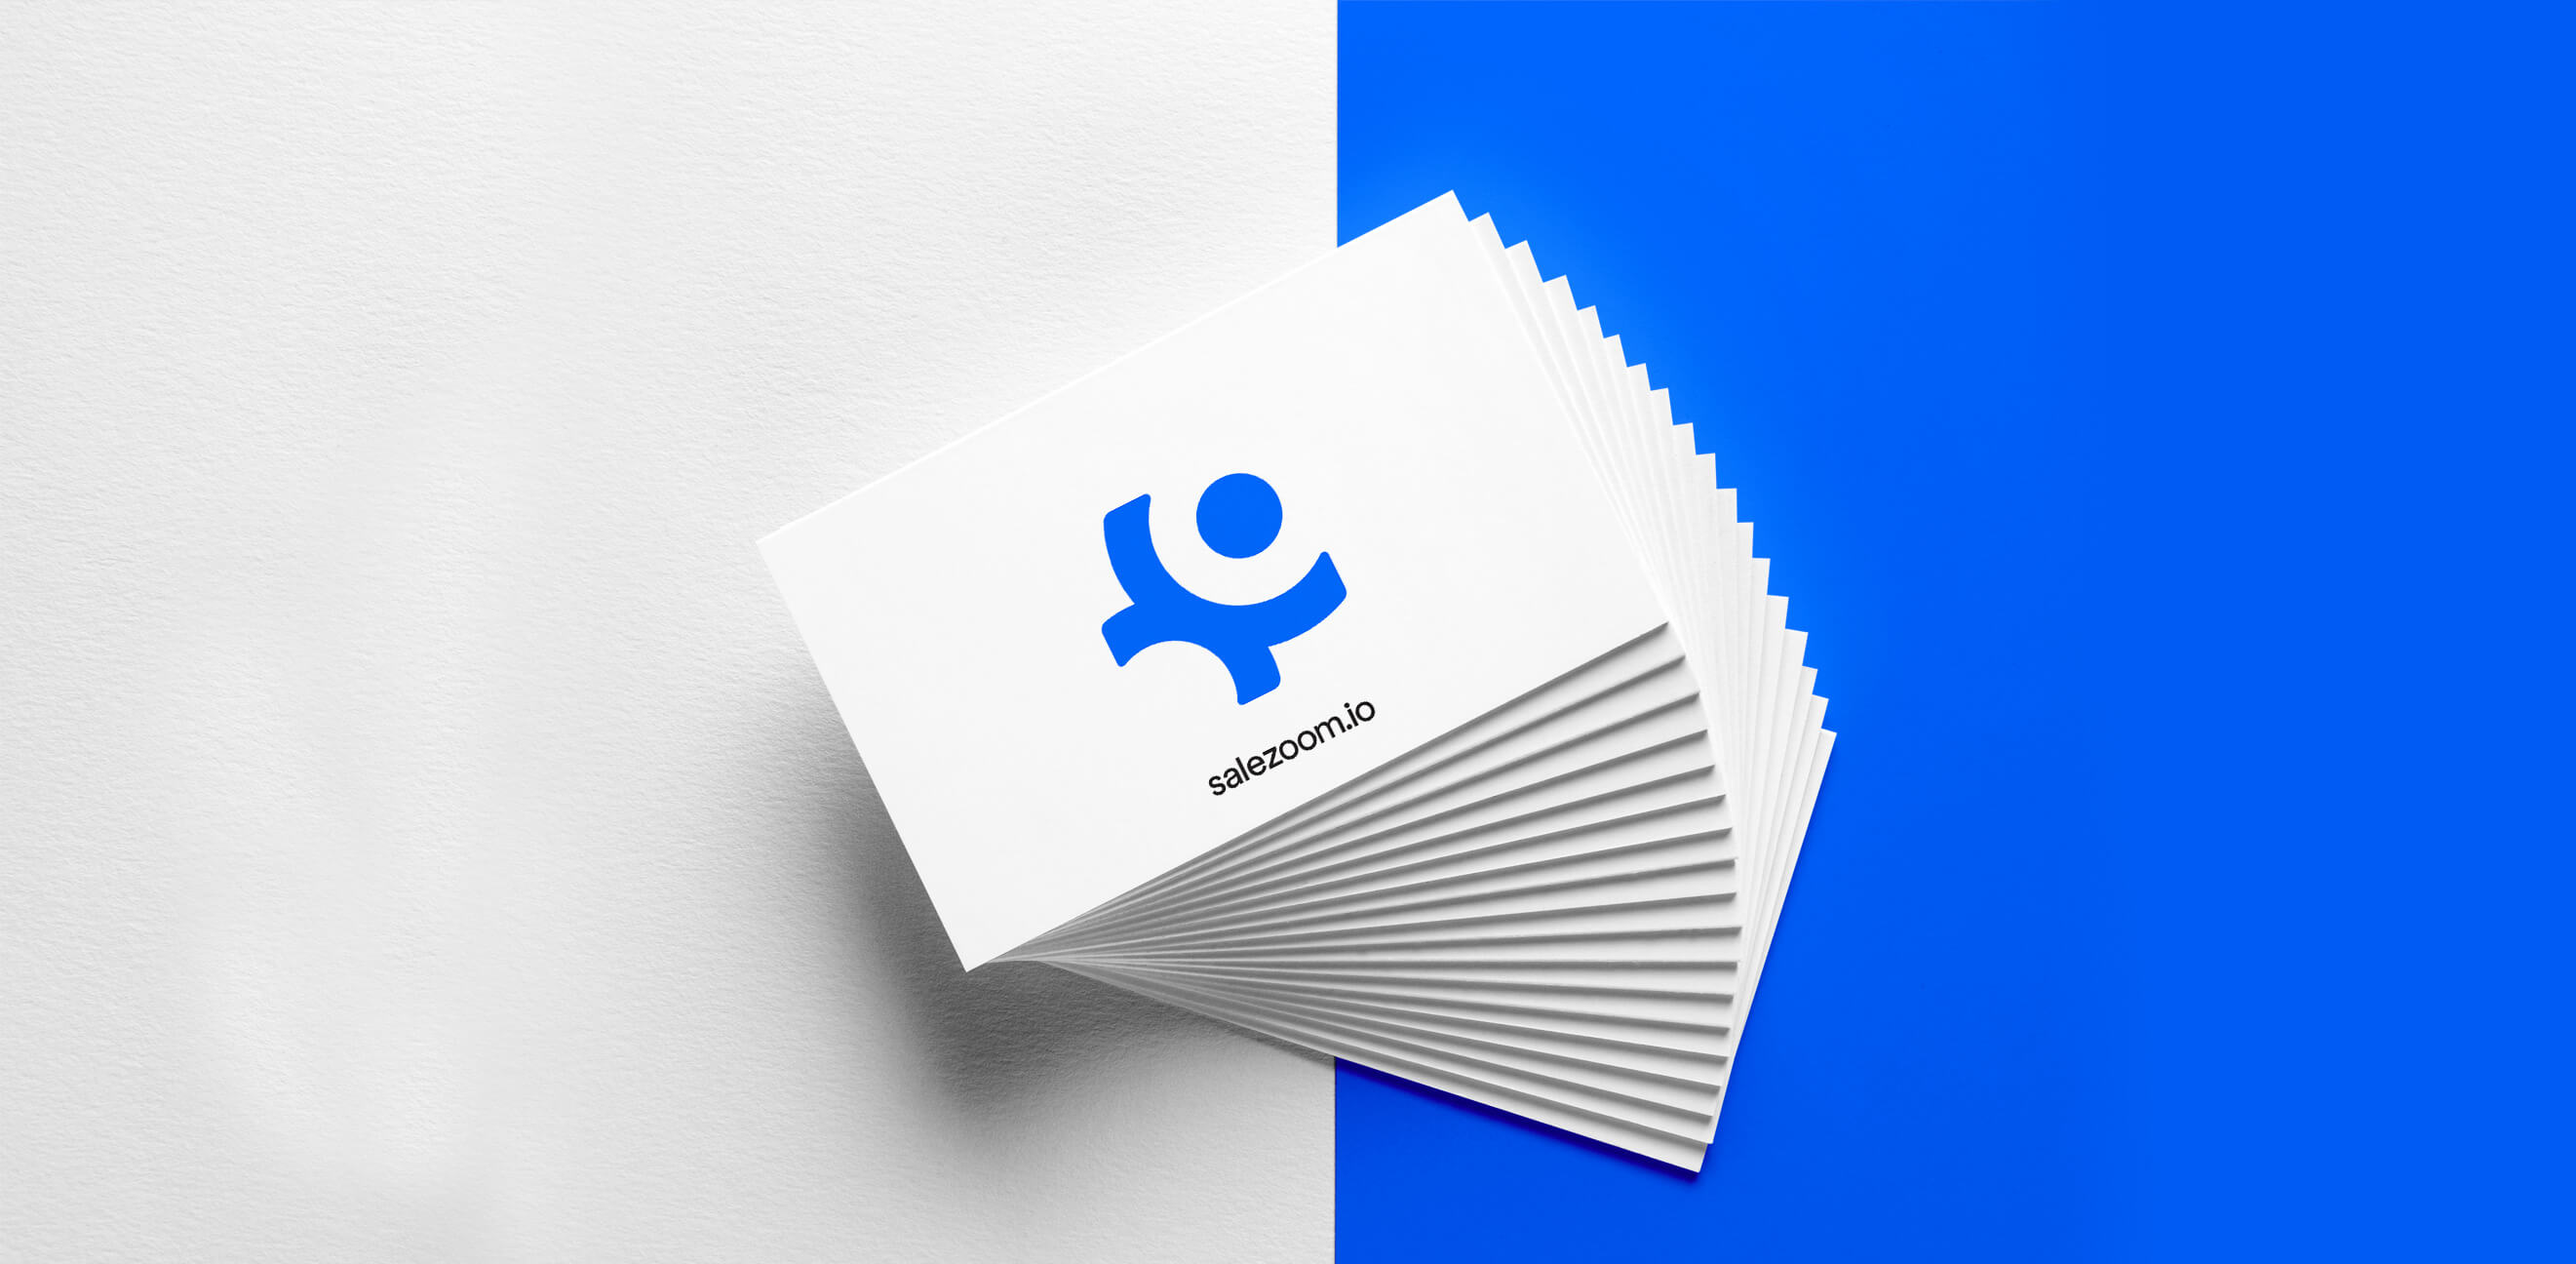 salezoom-tech company-e-commerce-big data-automation-branding-design-brand-identity-logo-design-graphic-design